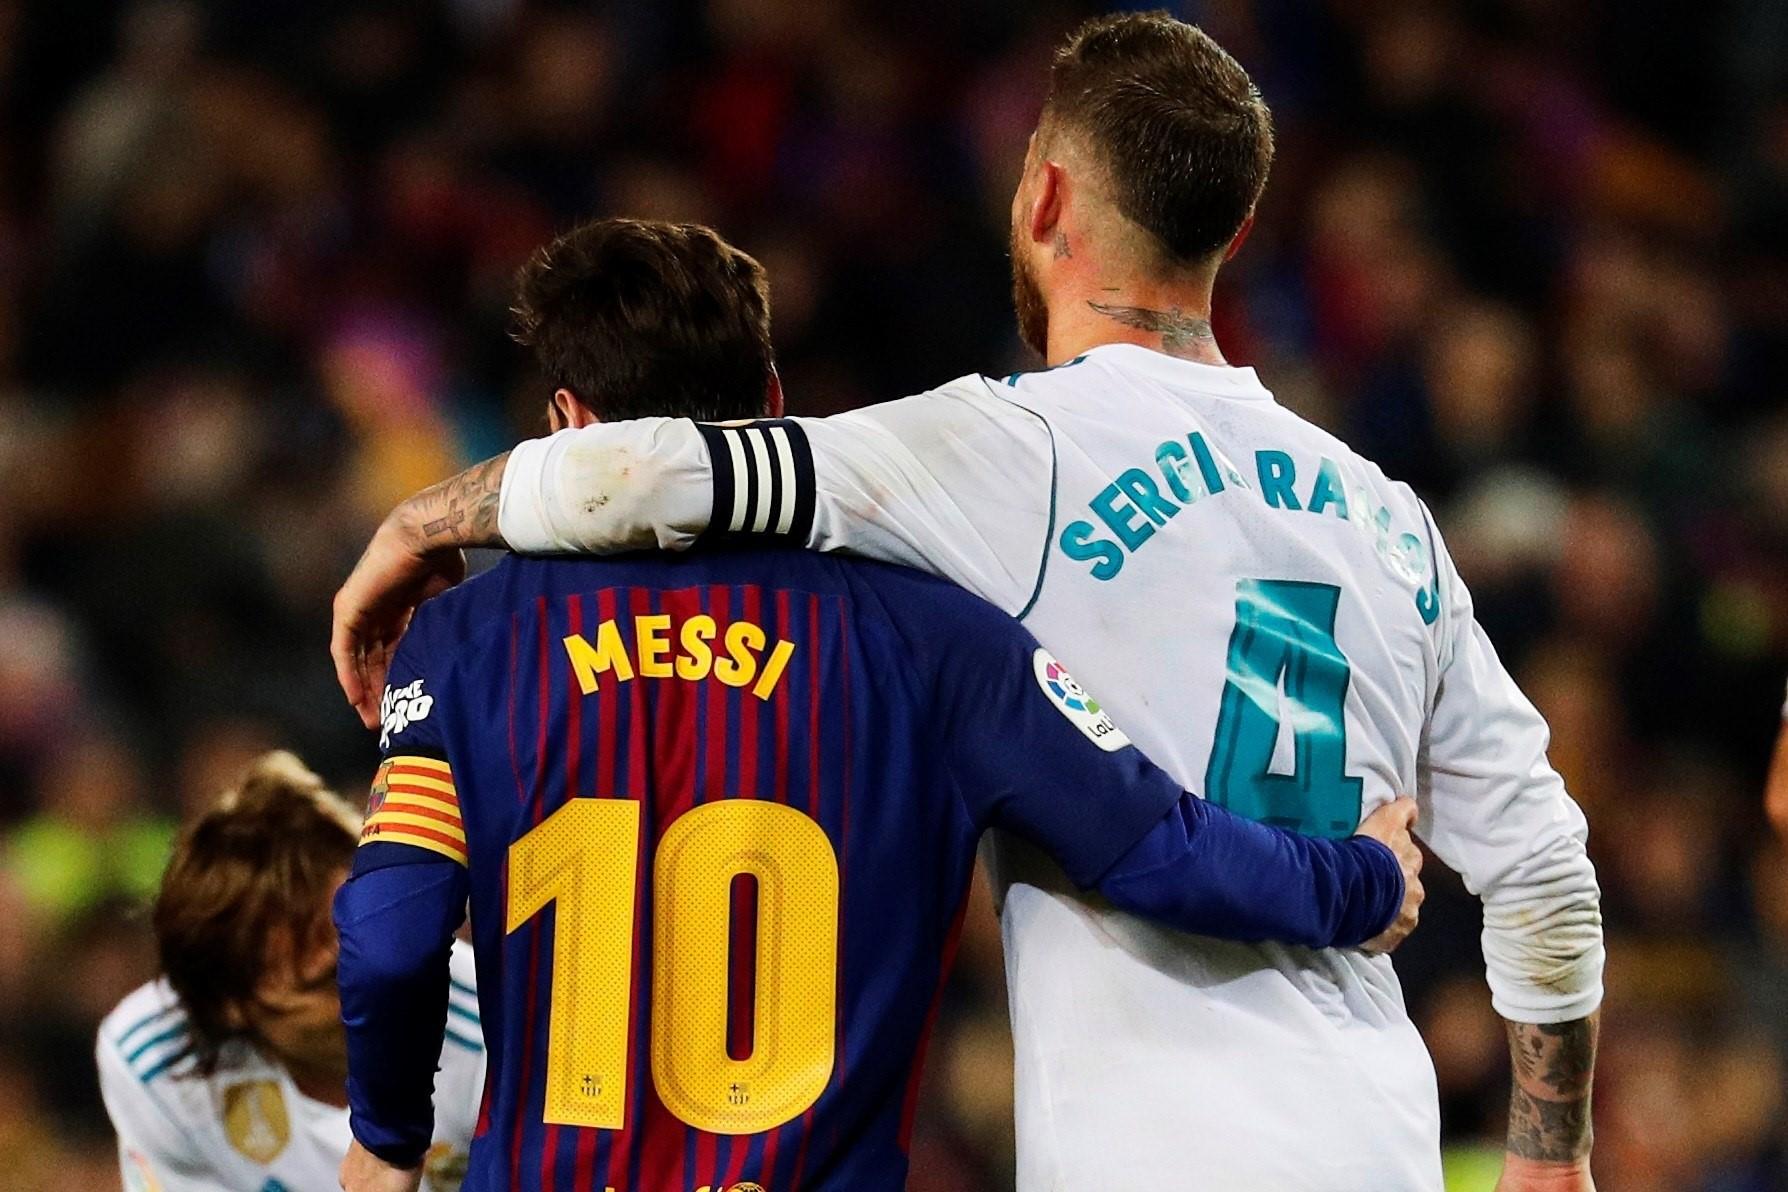 El colmo de Messi, al descubierto: